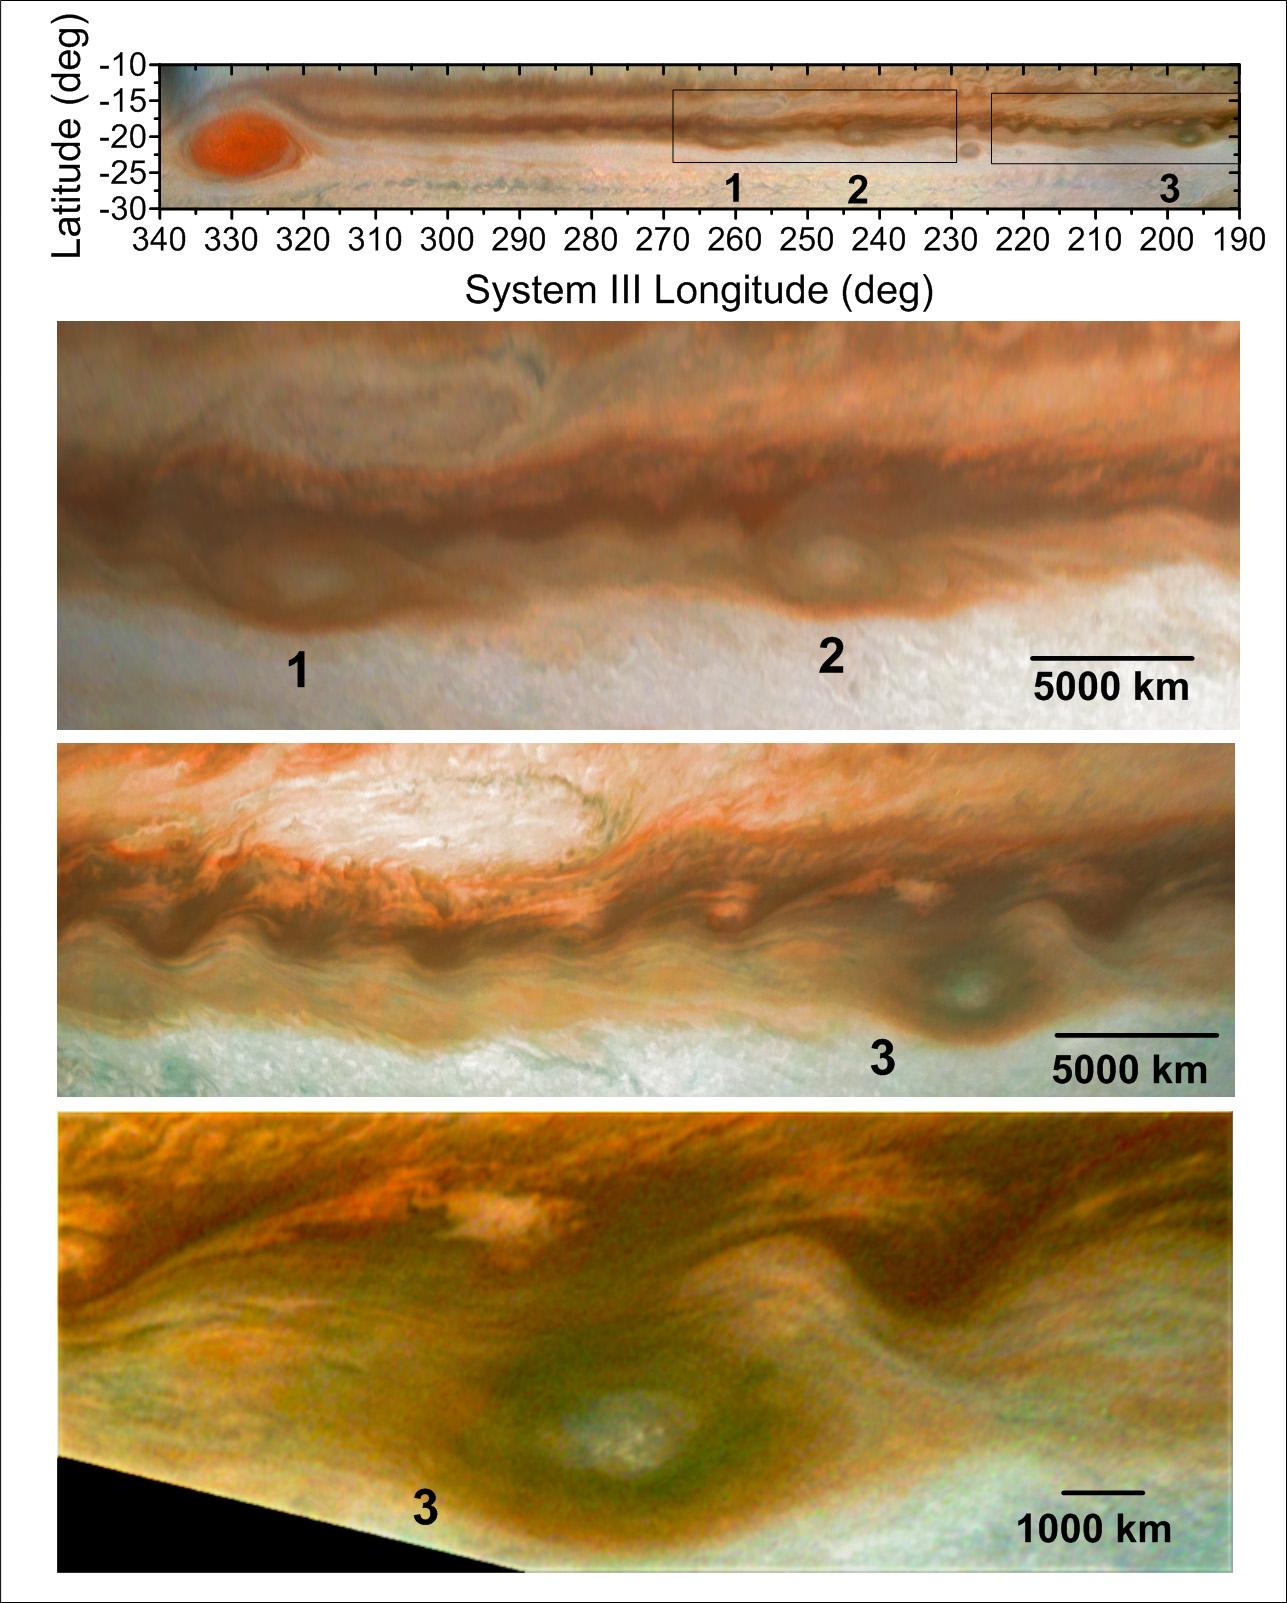 Une série d'anticyclones plus petits (mais toujours énormes) s'est approché de la tempête rouge emblématique de Jupiter en 2019. L'image du haut montre des anticyclones plus petits numérotés 1, 2 et 3, se déplaçant vers la grande tache rouge.  Les trois autres images montrent des agrandissements des anticyclones.